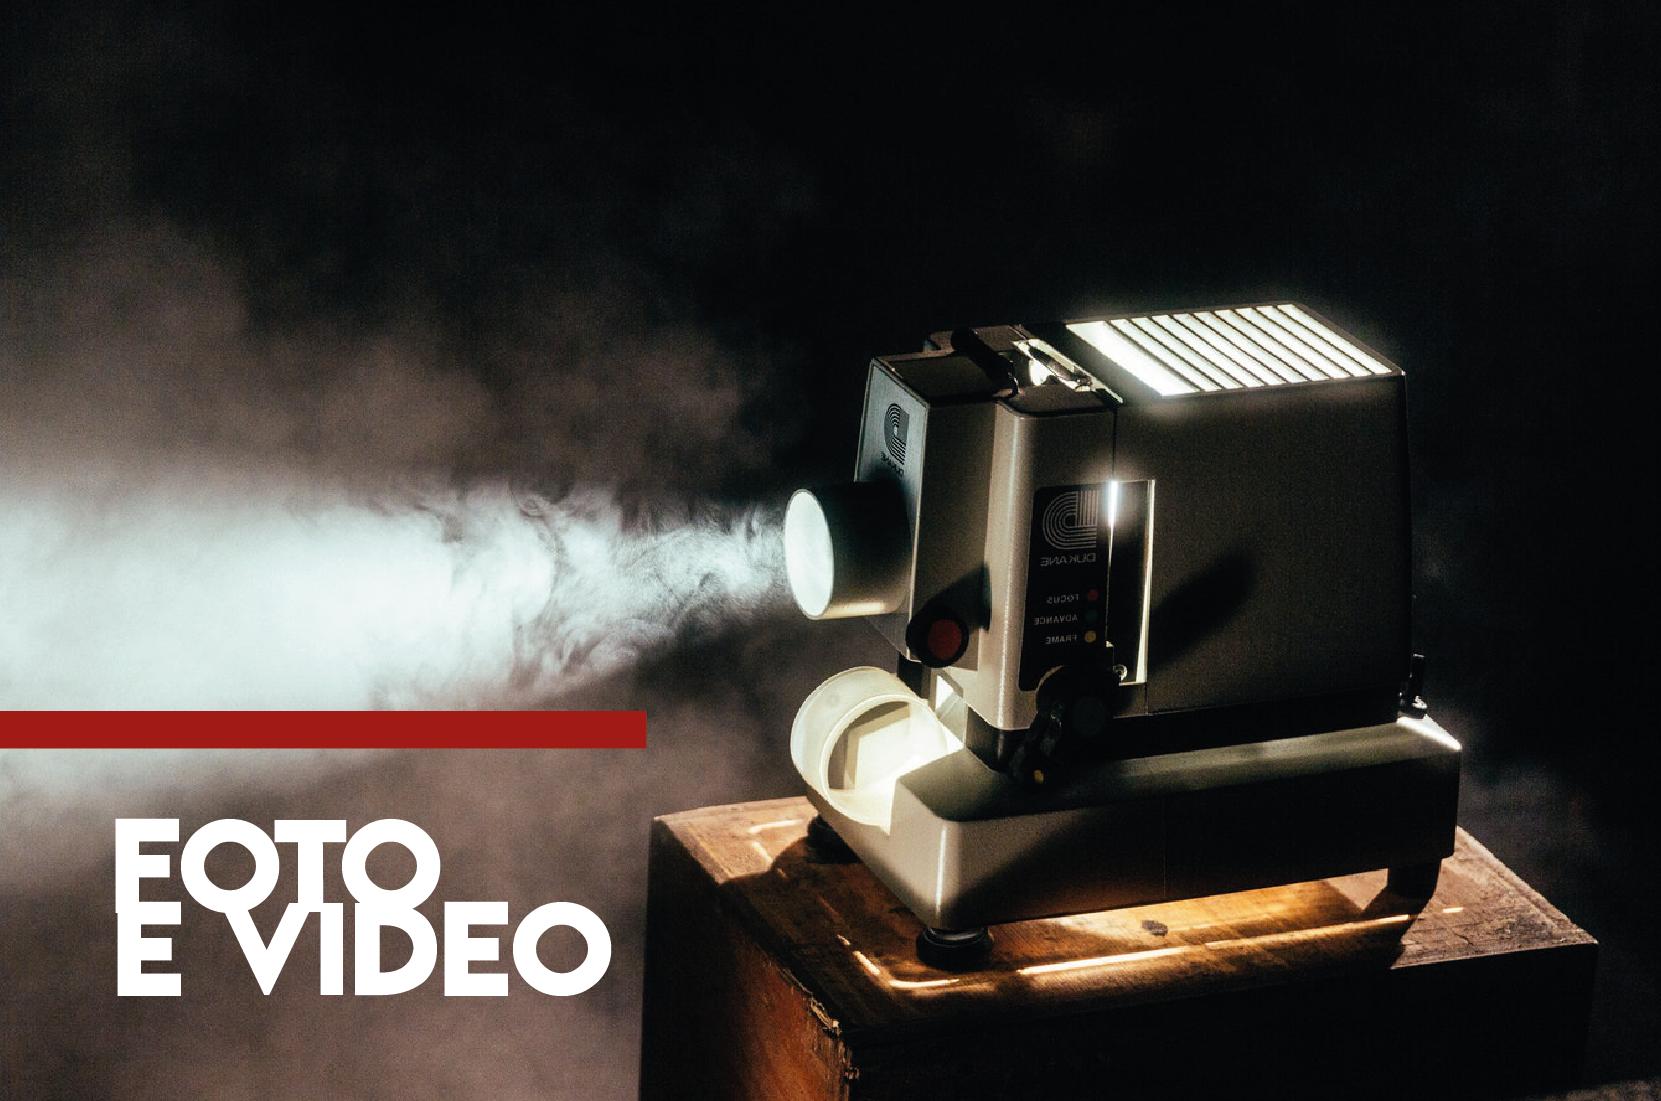 FOTO E VIDEO SERVIZI FOTOGRAFICI BRA CUNEO TORINO PHOTO SHOOTING VIDEO AZIENDALI VIDEO SPOT PUBBLICITARI.png